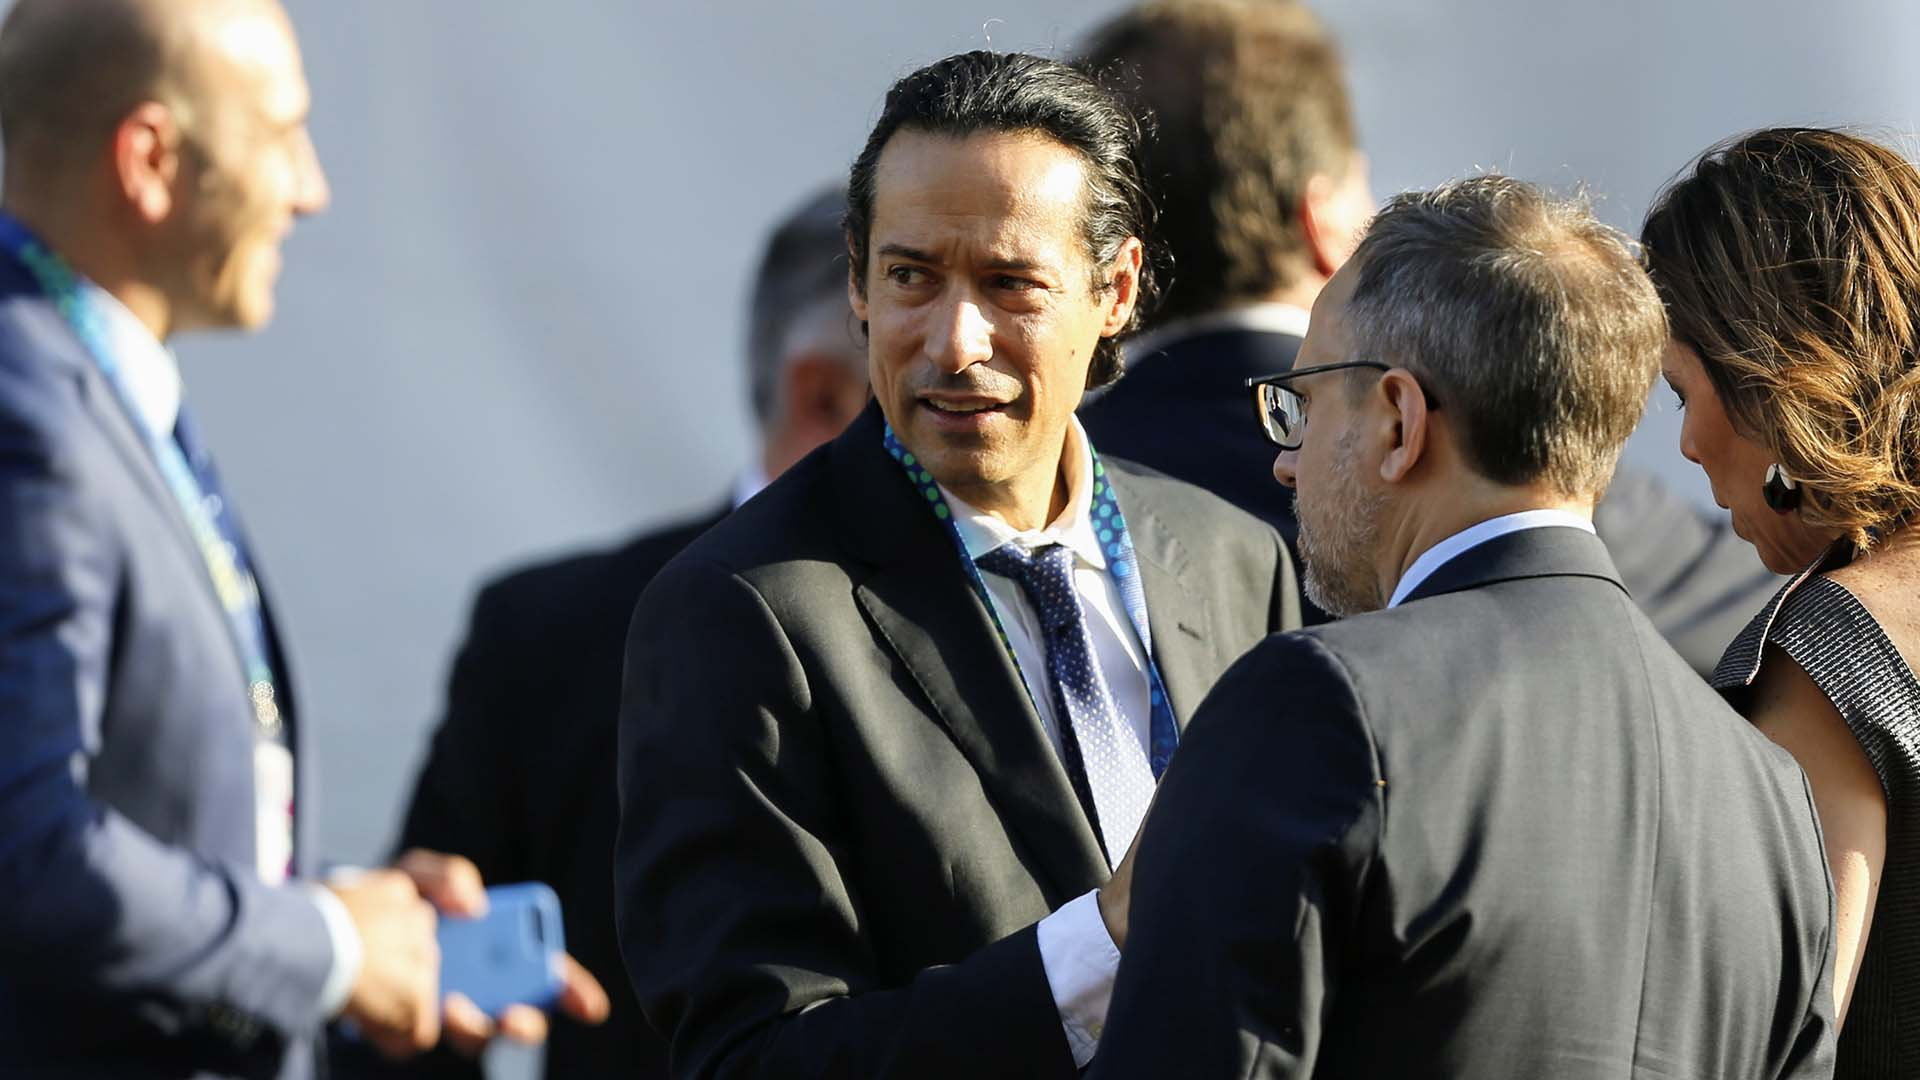 Iván Petrella, director del programa Argentina 2030 en la Jefatura de Gabinete de Ministros de la Presidencia